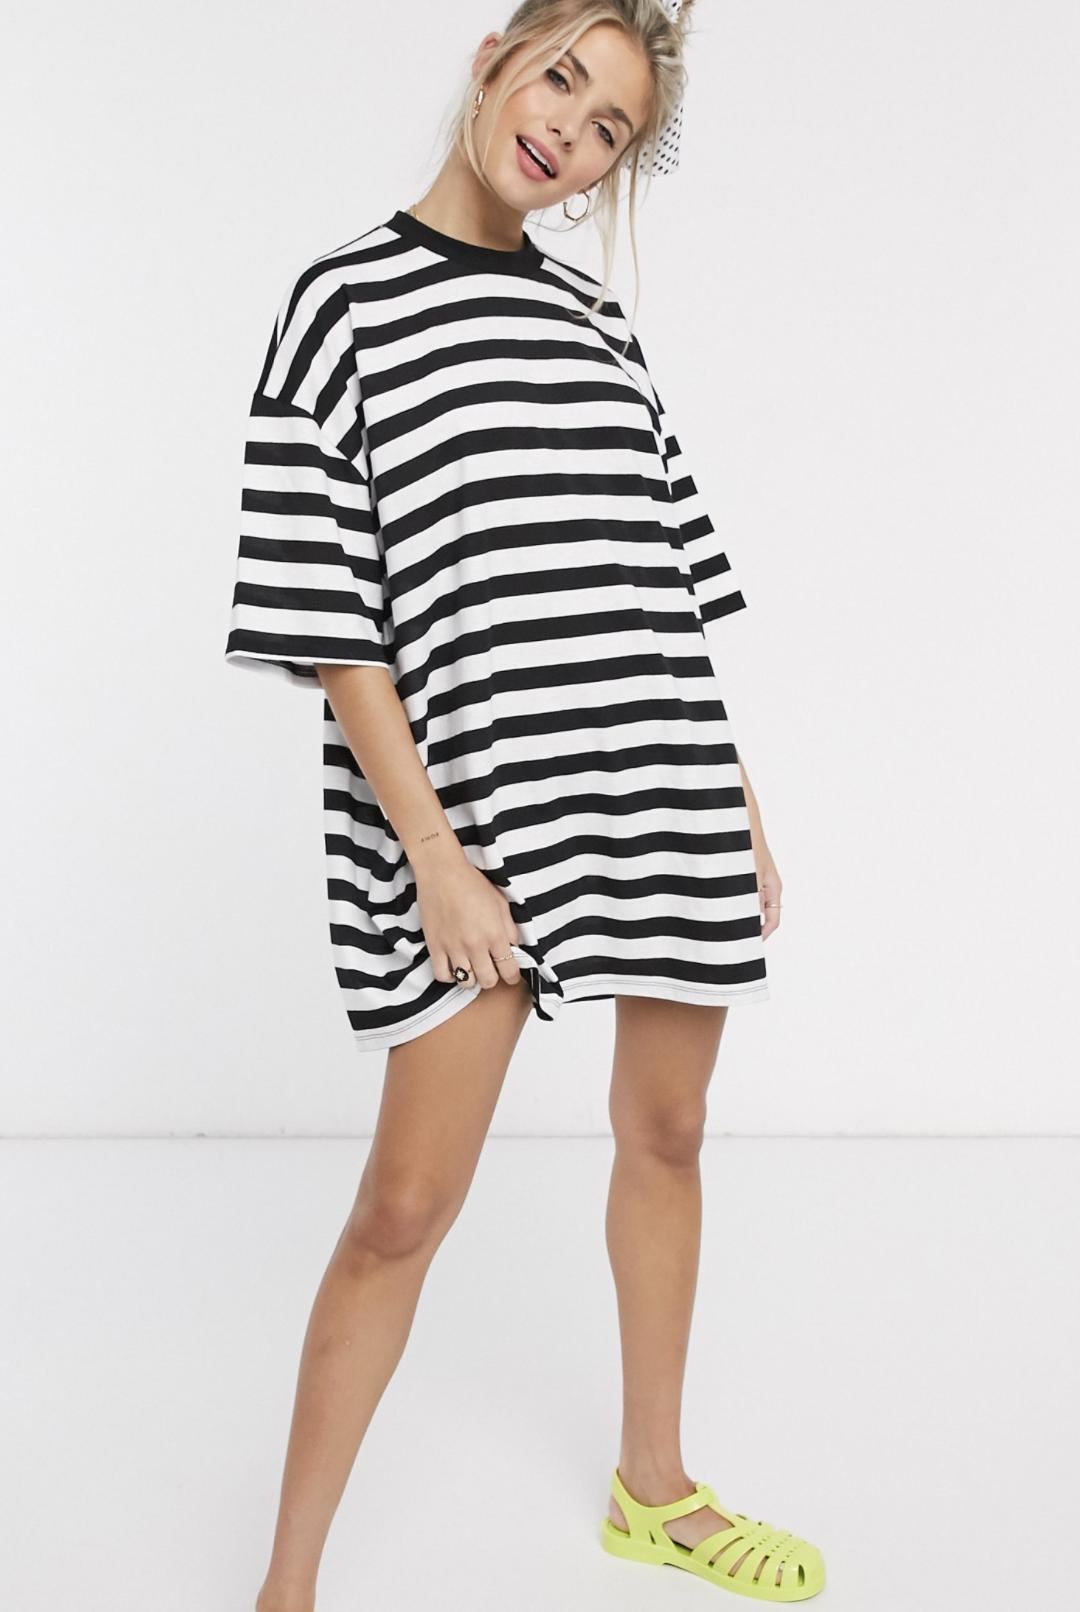 Vestido estilo camiseta de corte muy extragrande con diseño a rayas blancas y negras de ASOS DESIGN